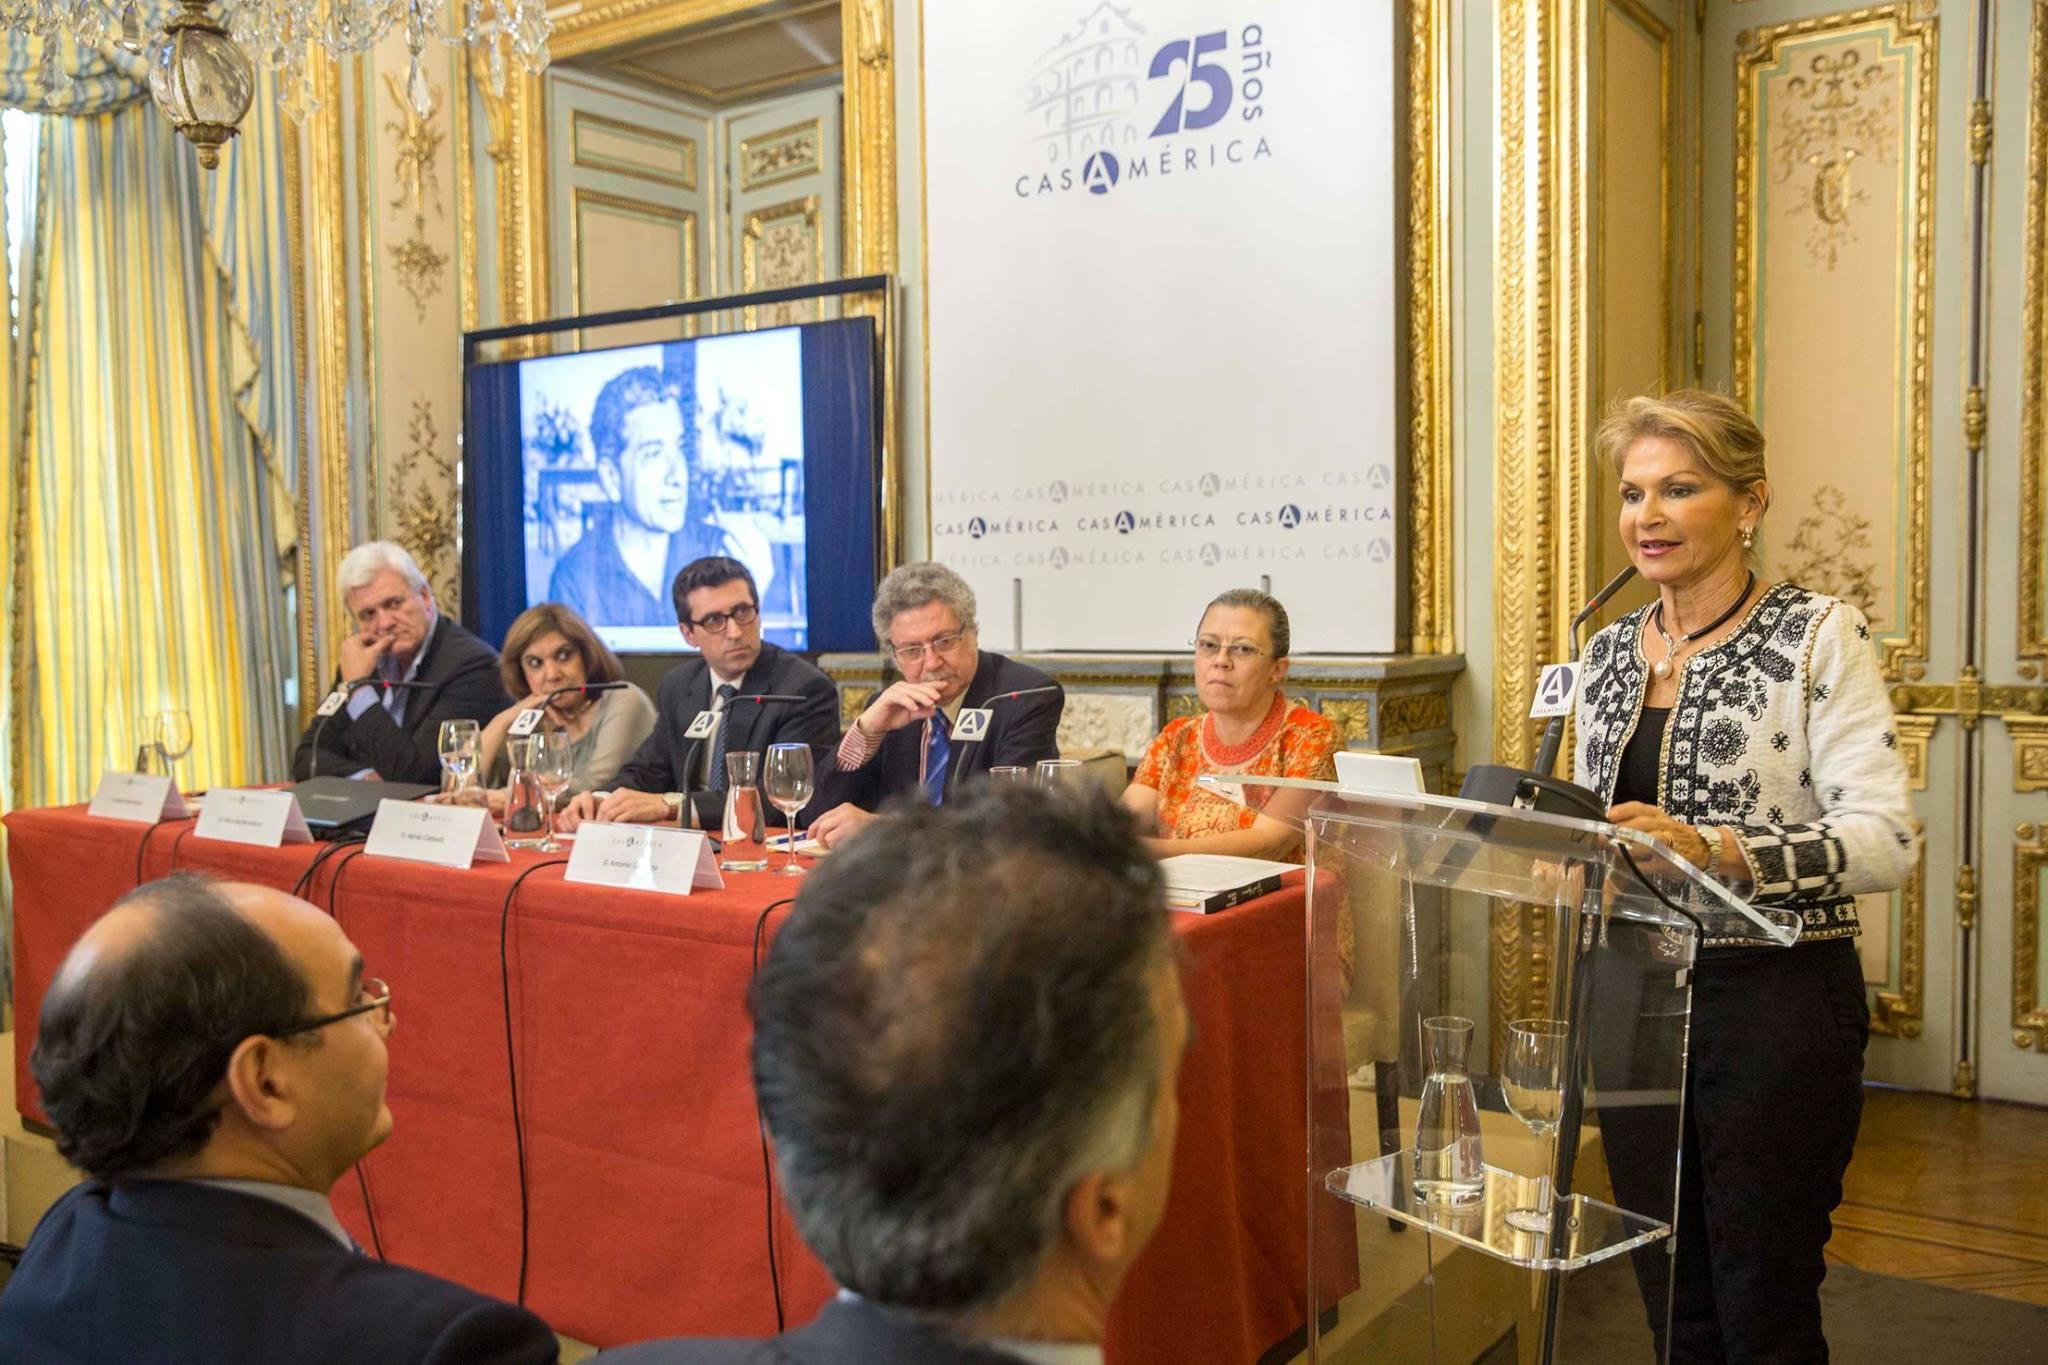 Centenario de roa y bia 2017 entre los puntos destacados for Casa america madrid